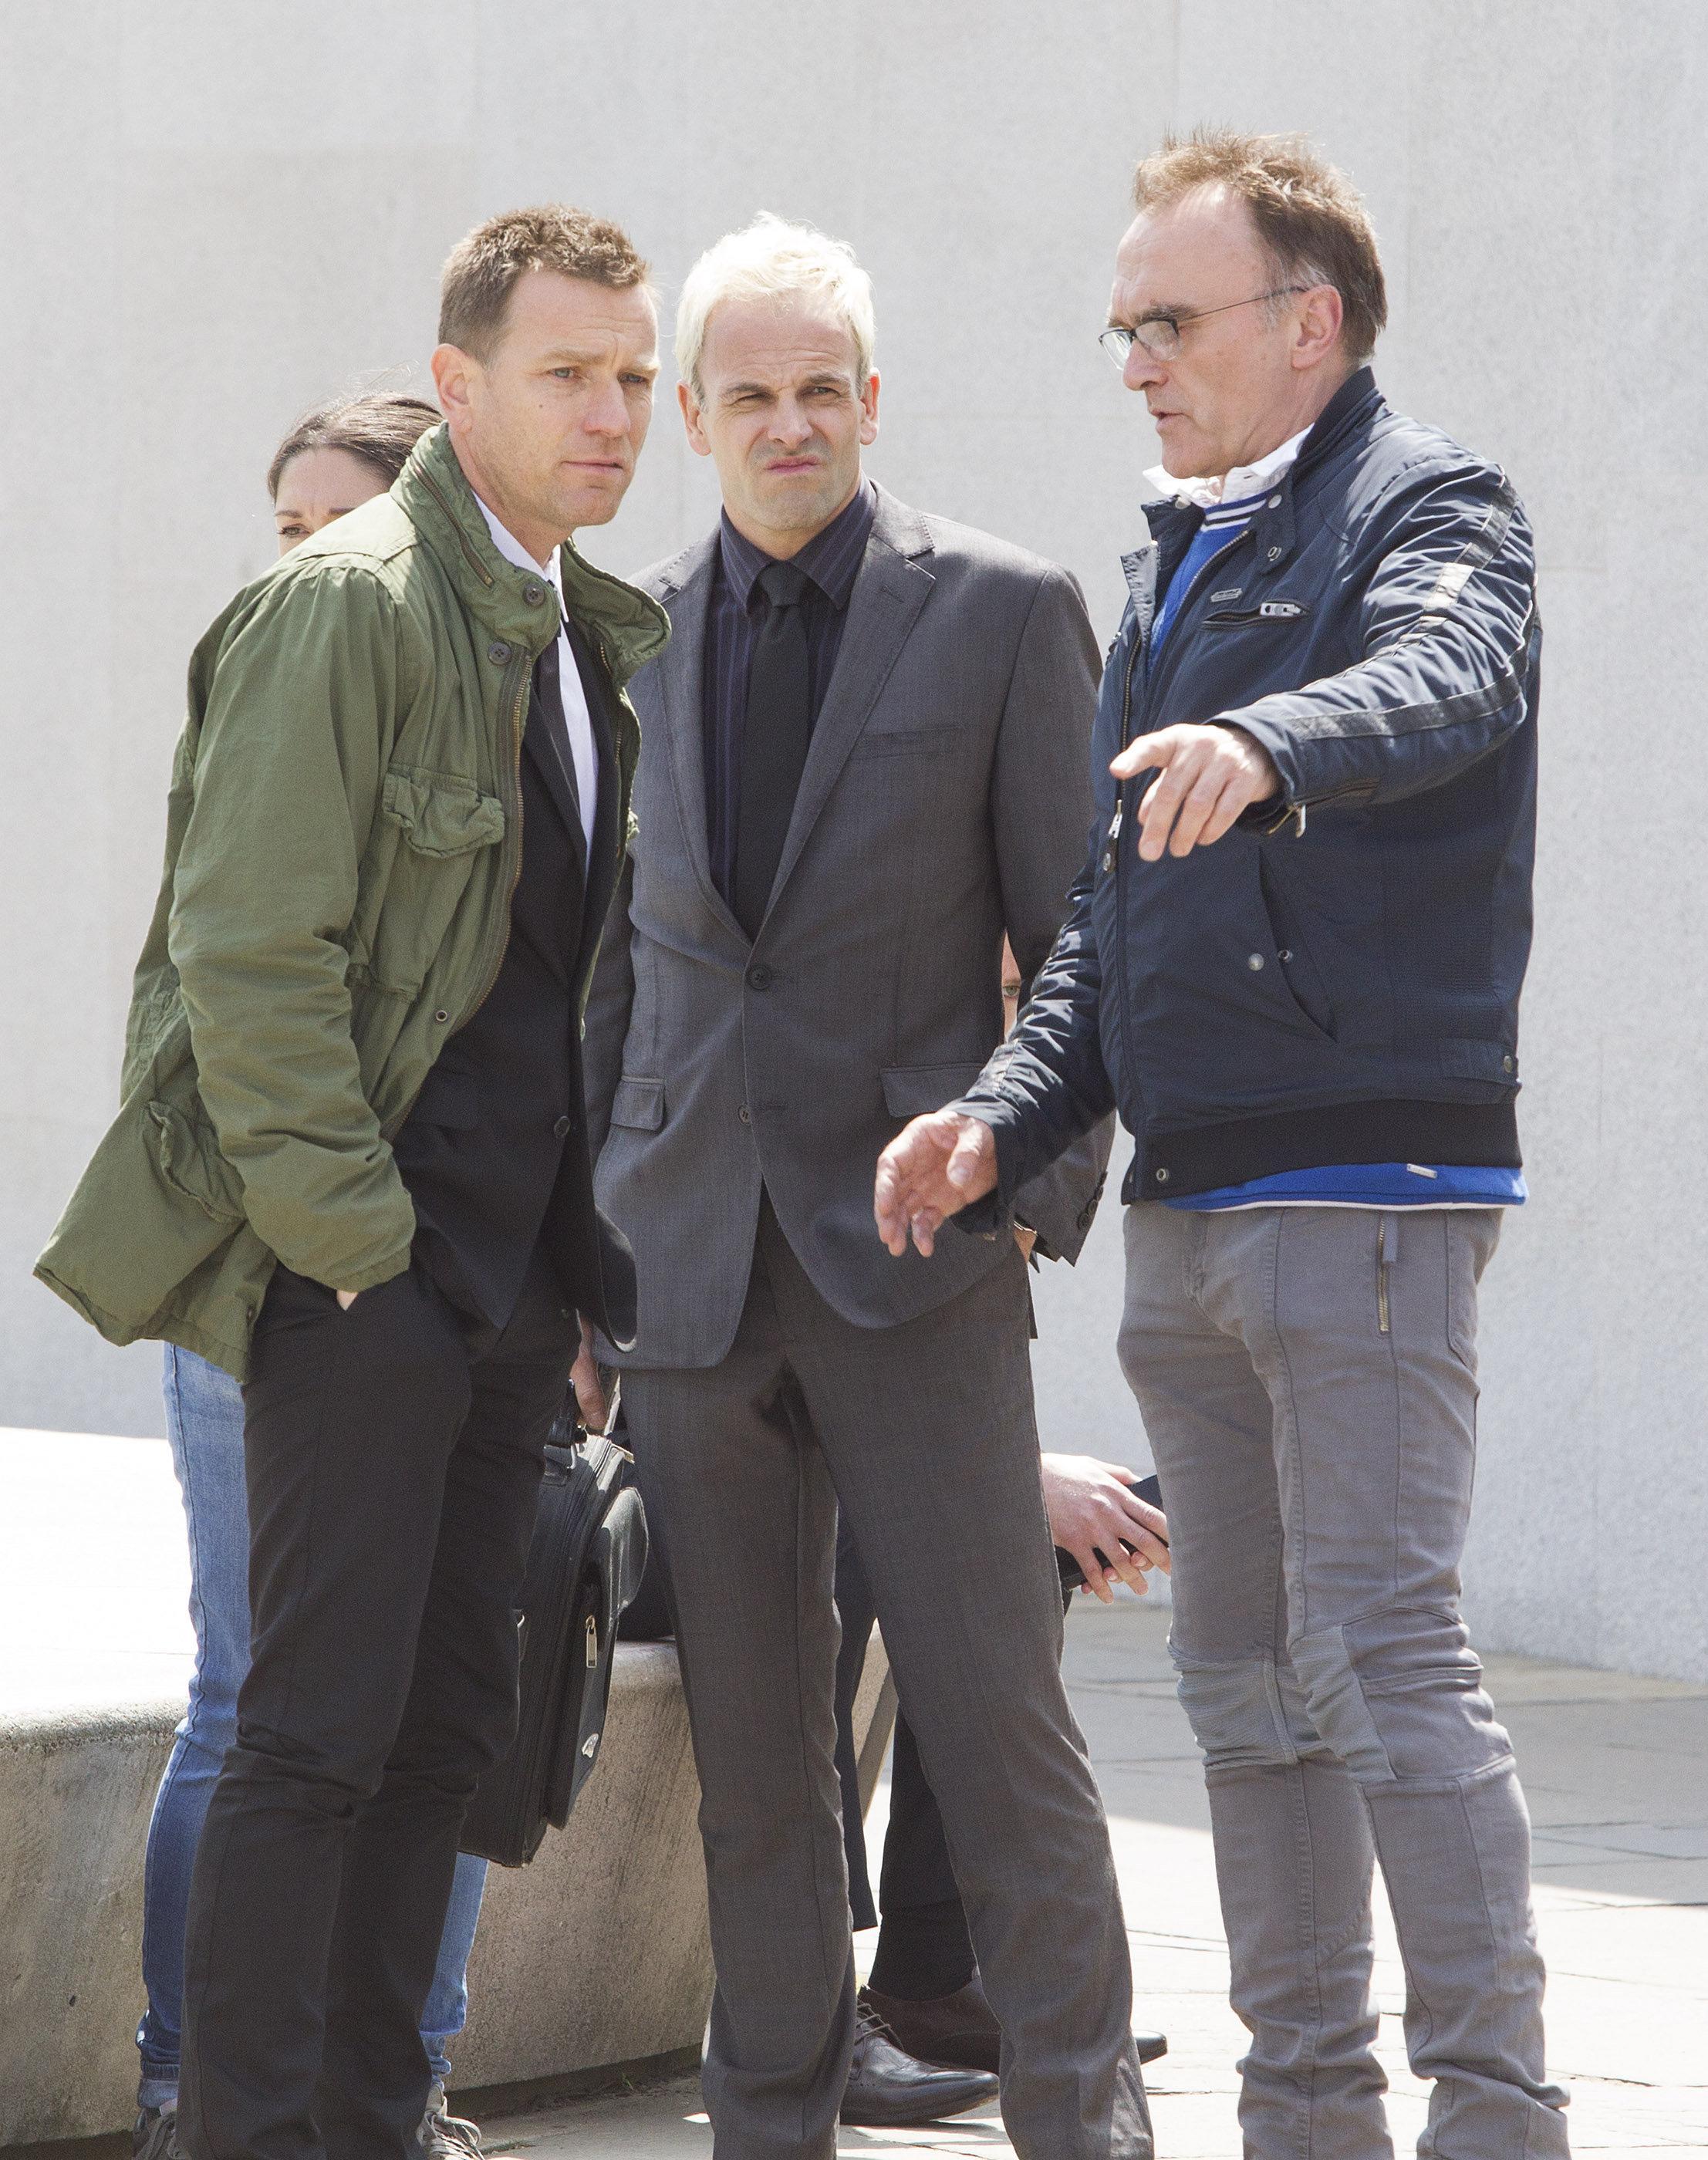 Jonny Lee Miller, Ewan McGregor and director Danny